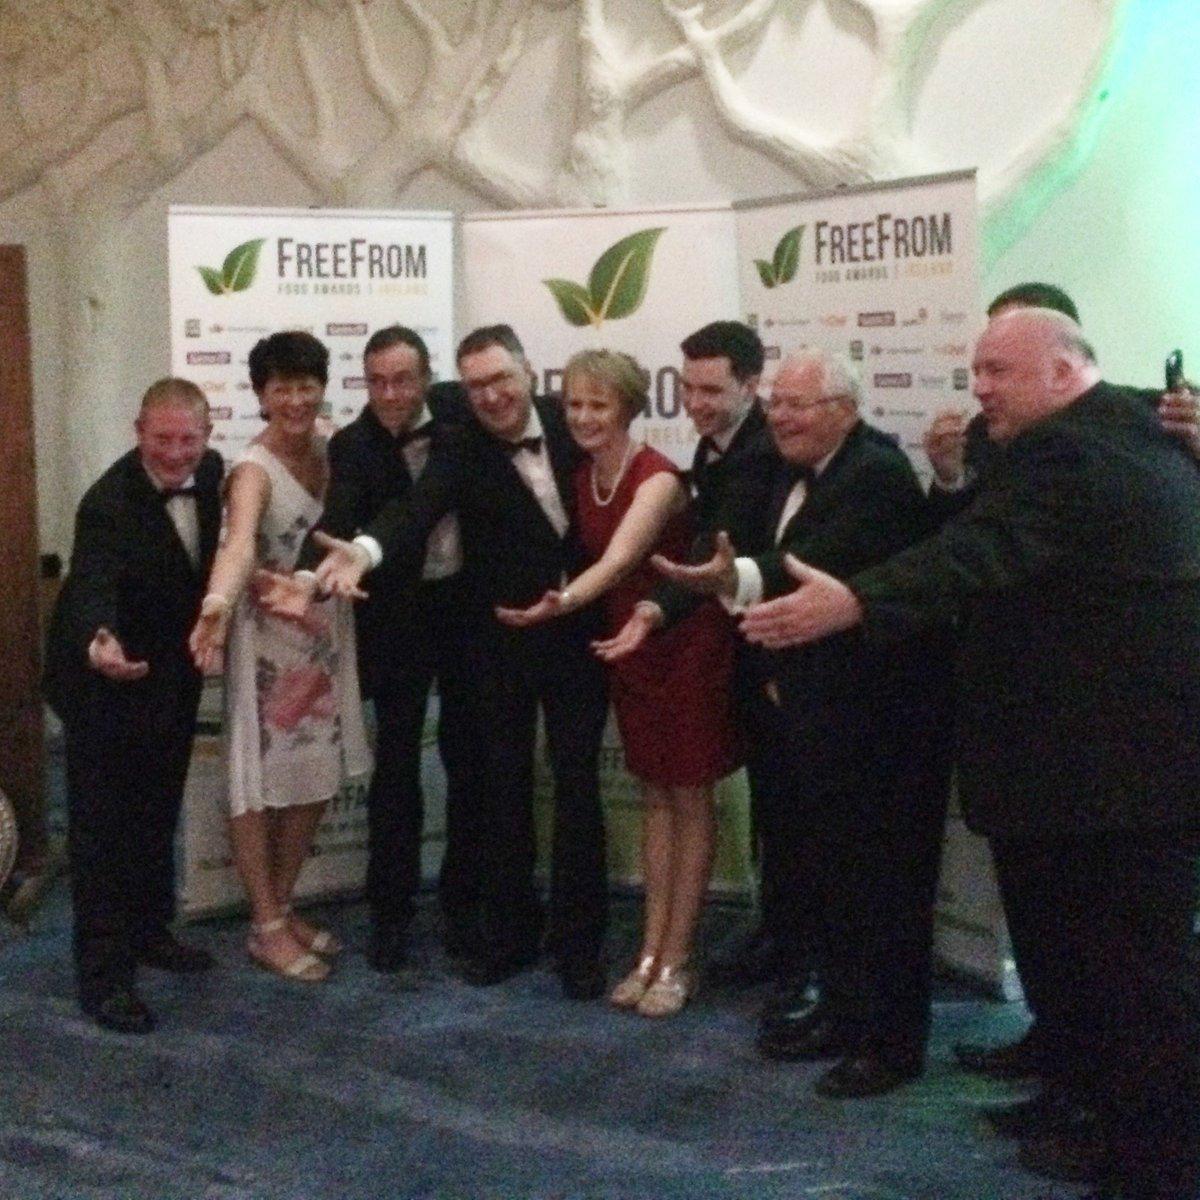 @tasteofgoodness enjoying another well deserved award at #FFFAI https://t.co/9tLZ7Z3gHj